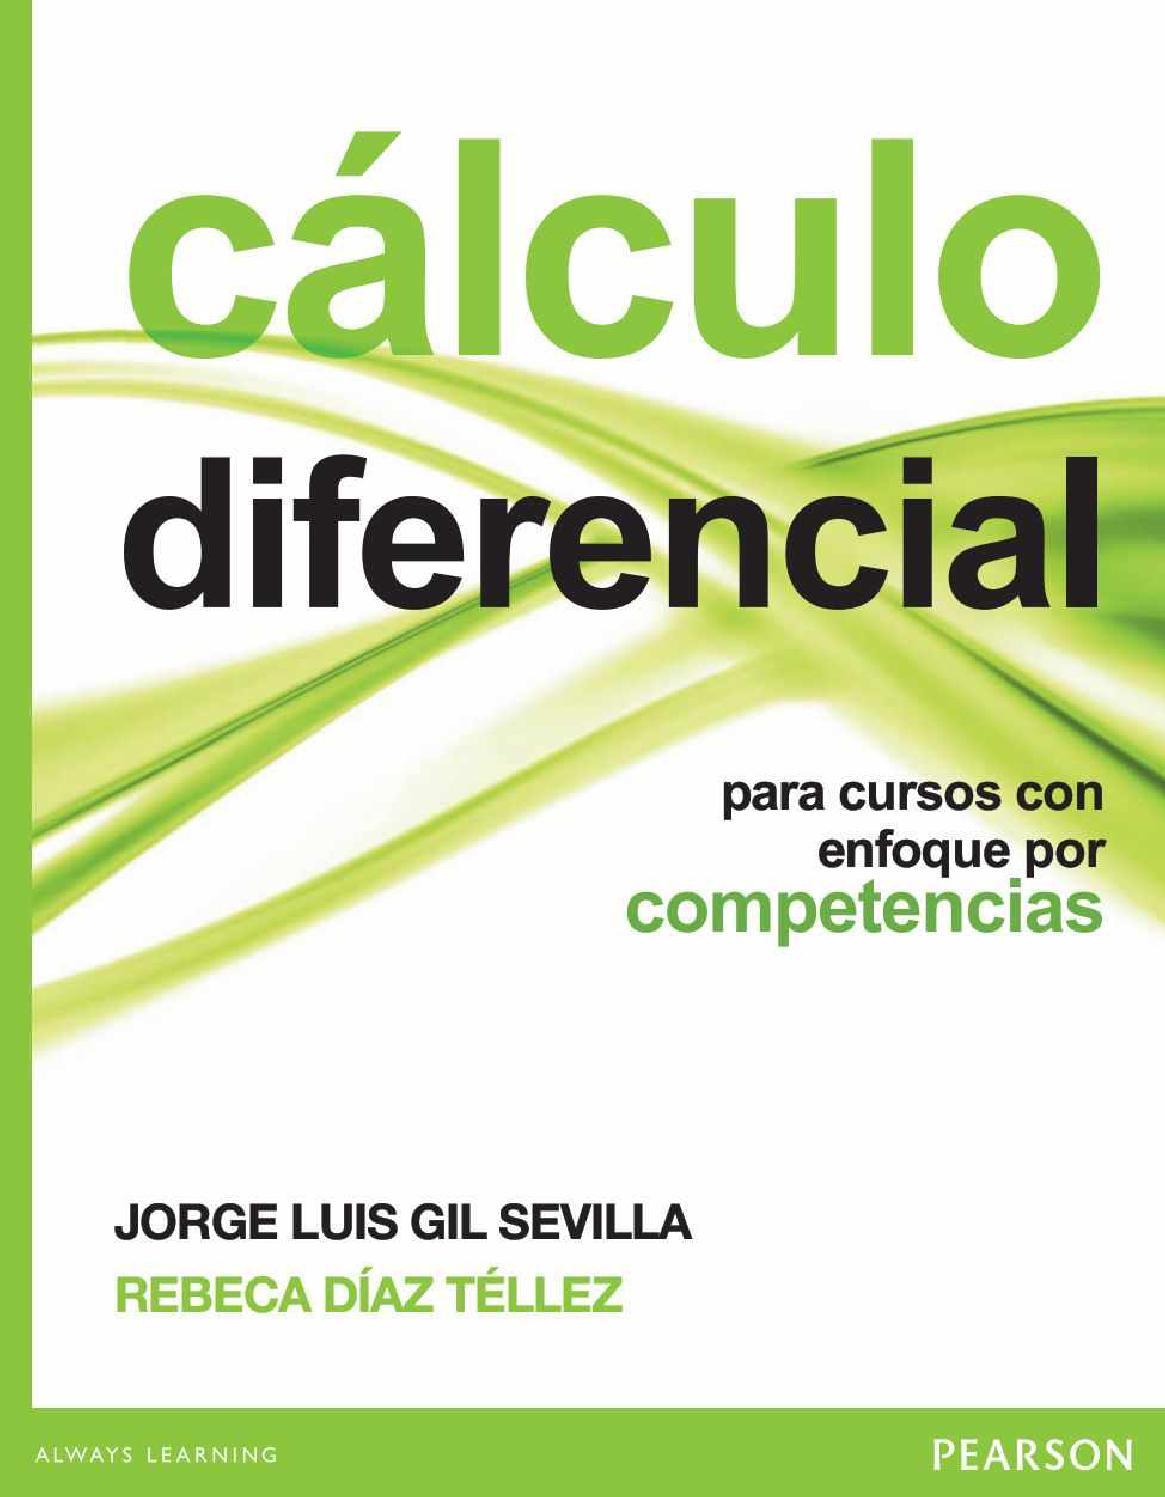 Calculo diferencial (gil sevilla) by club de matemáticas y ciencias ...